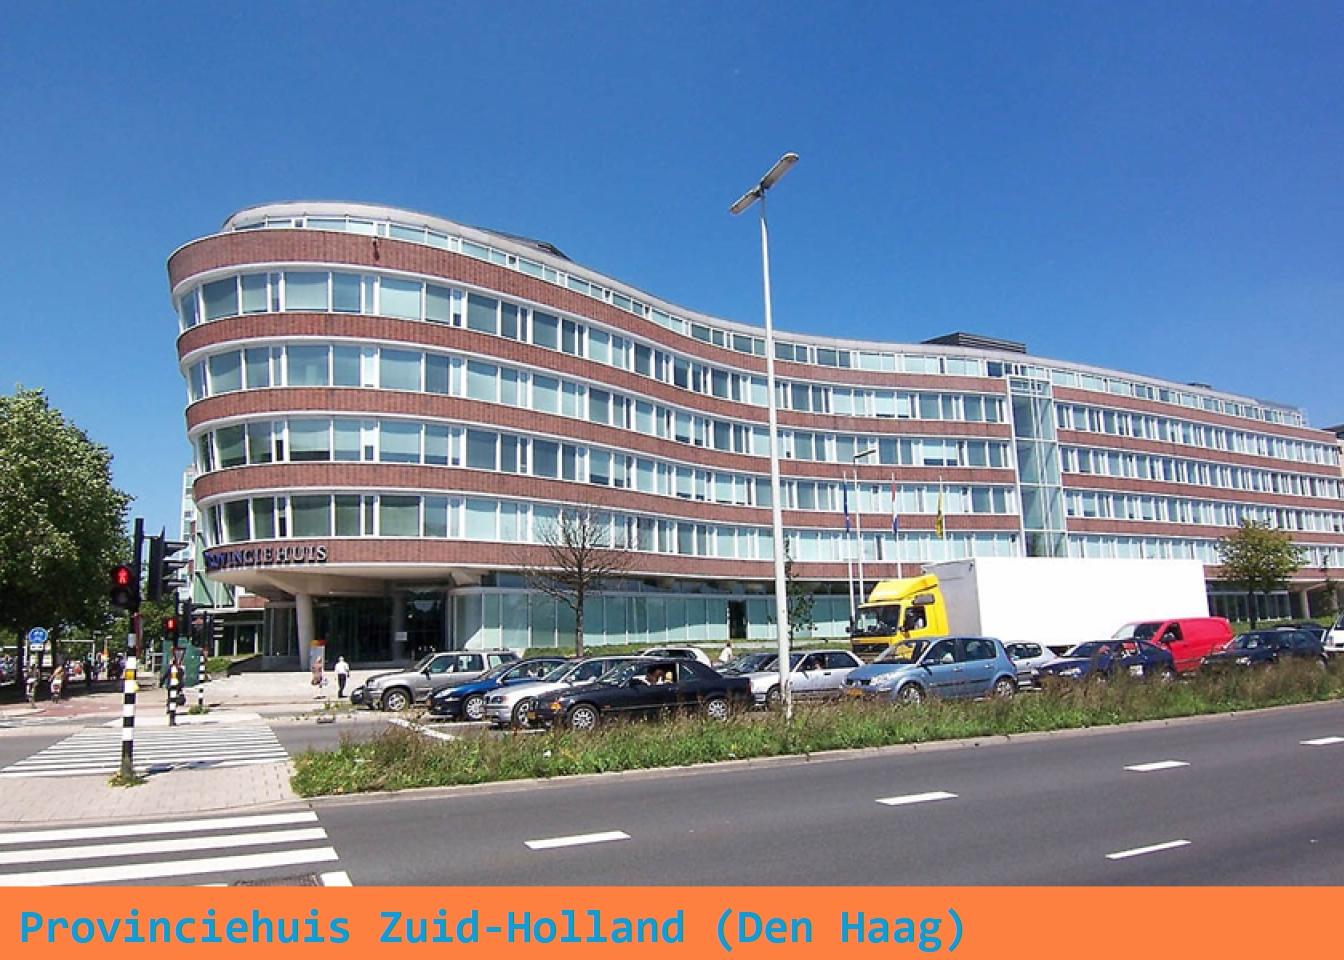 Provinciehuis Zuid-Holland - Den Haag